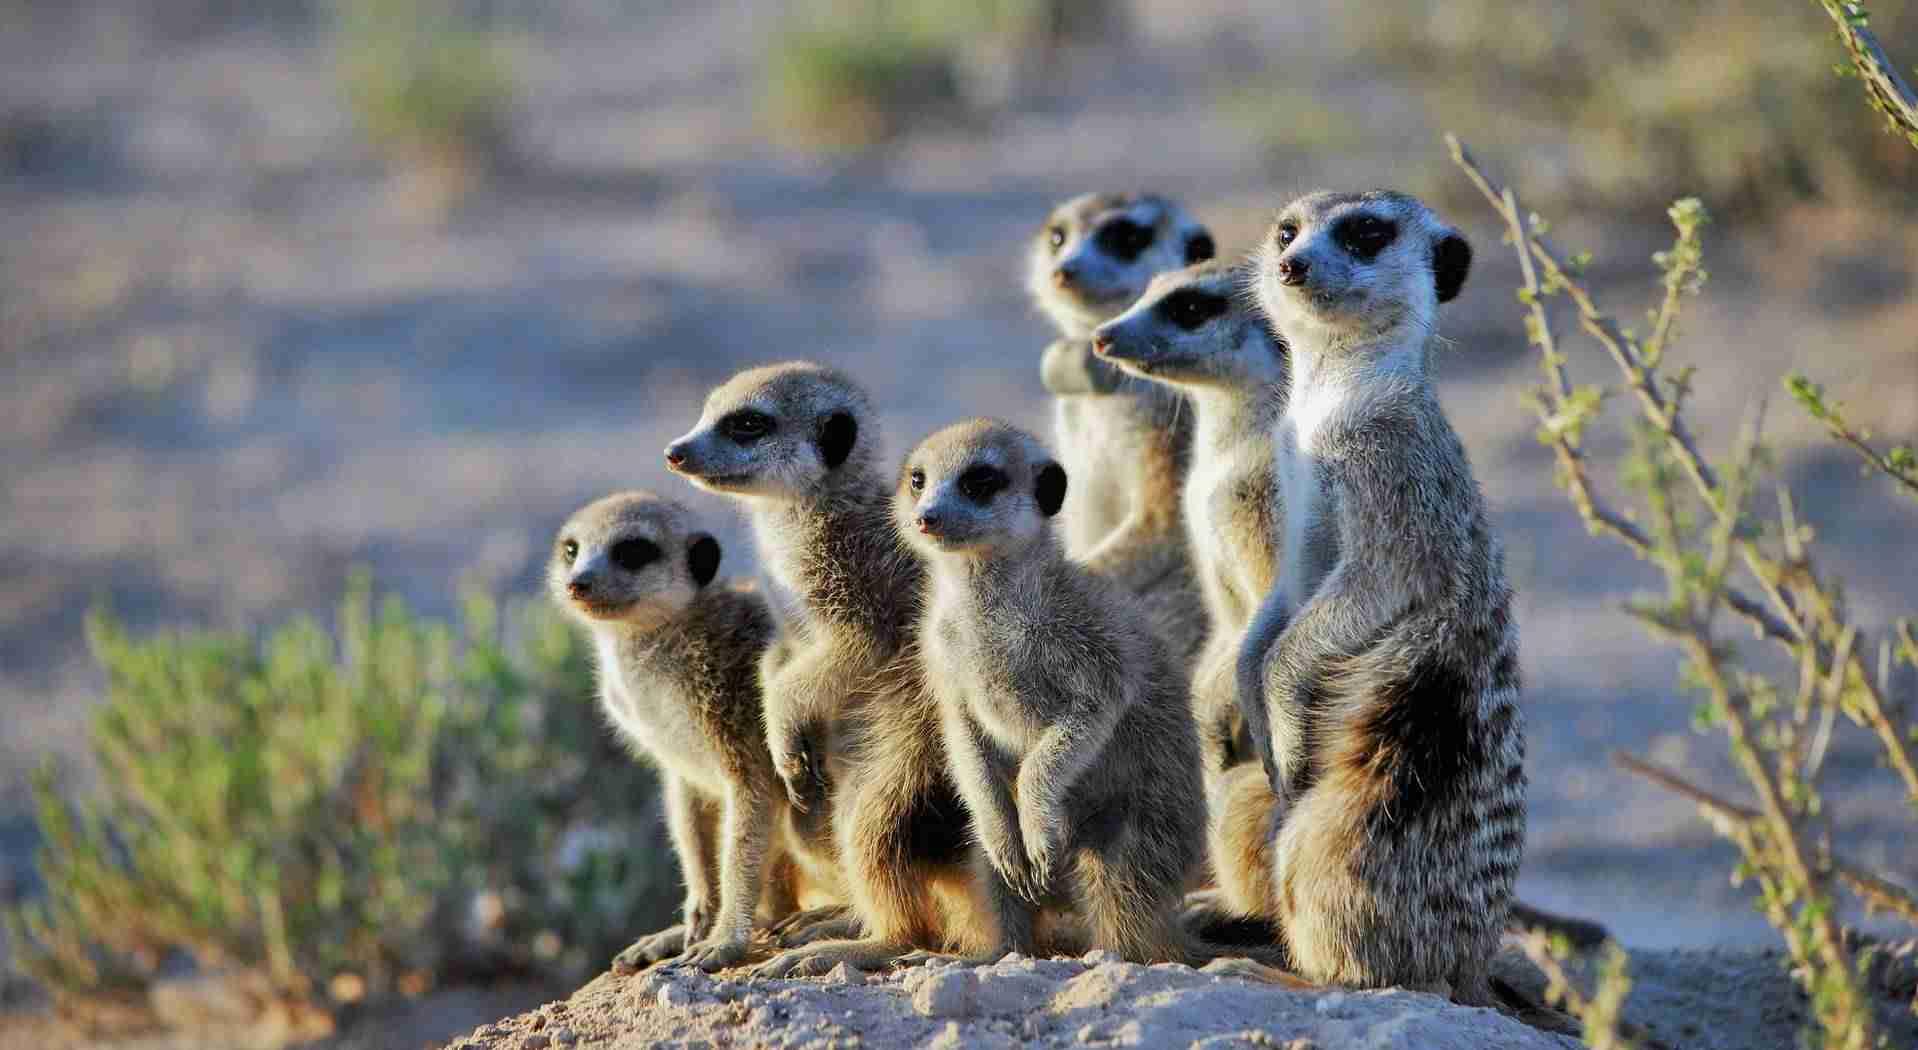 Meerkat Amazing Facts